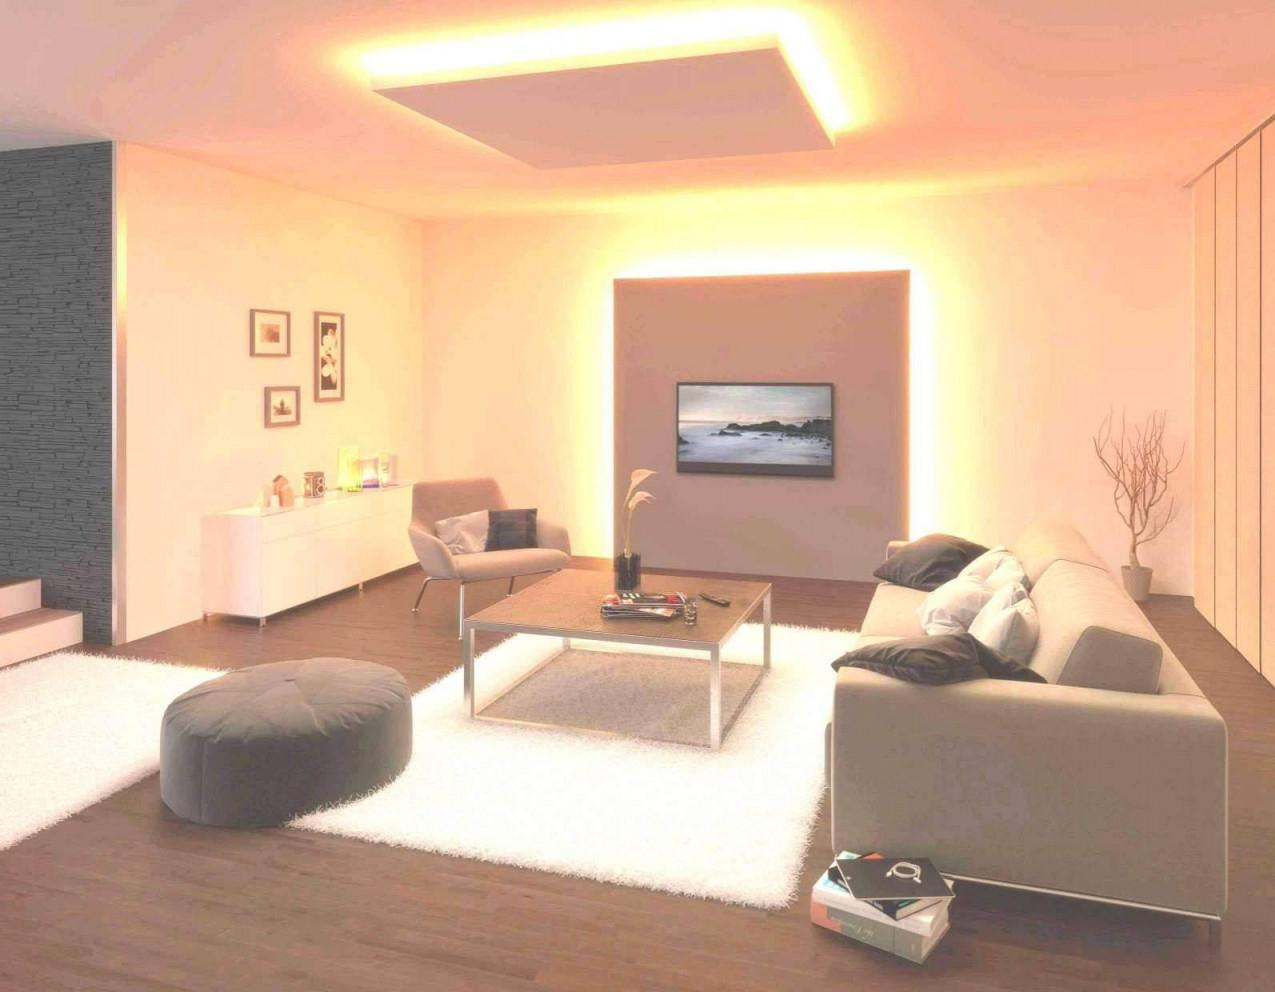 Wohnzimmer Decken Luxus Wohnzimmer Decken Dekoration Reizend von Decken Deko Wohnzimmer Photo